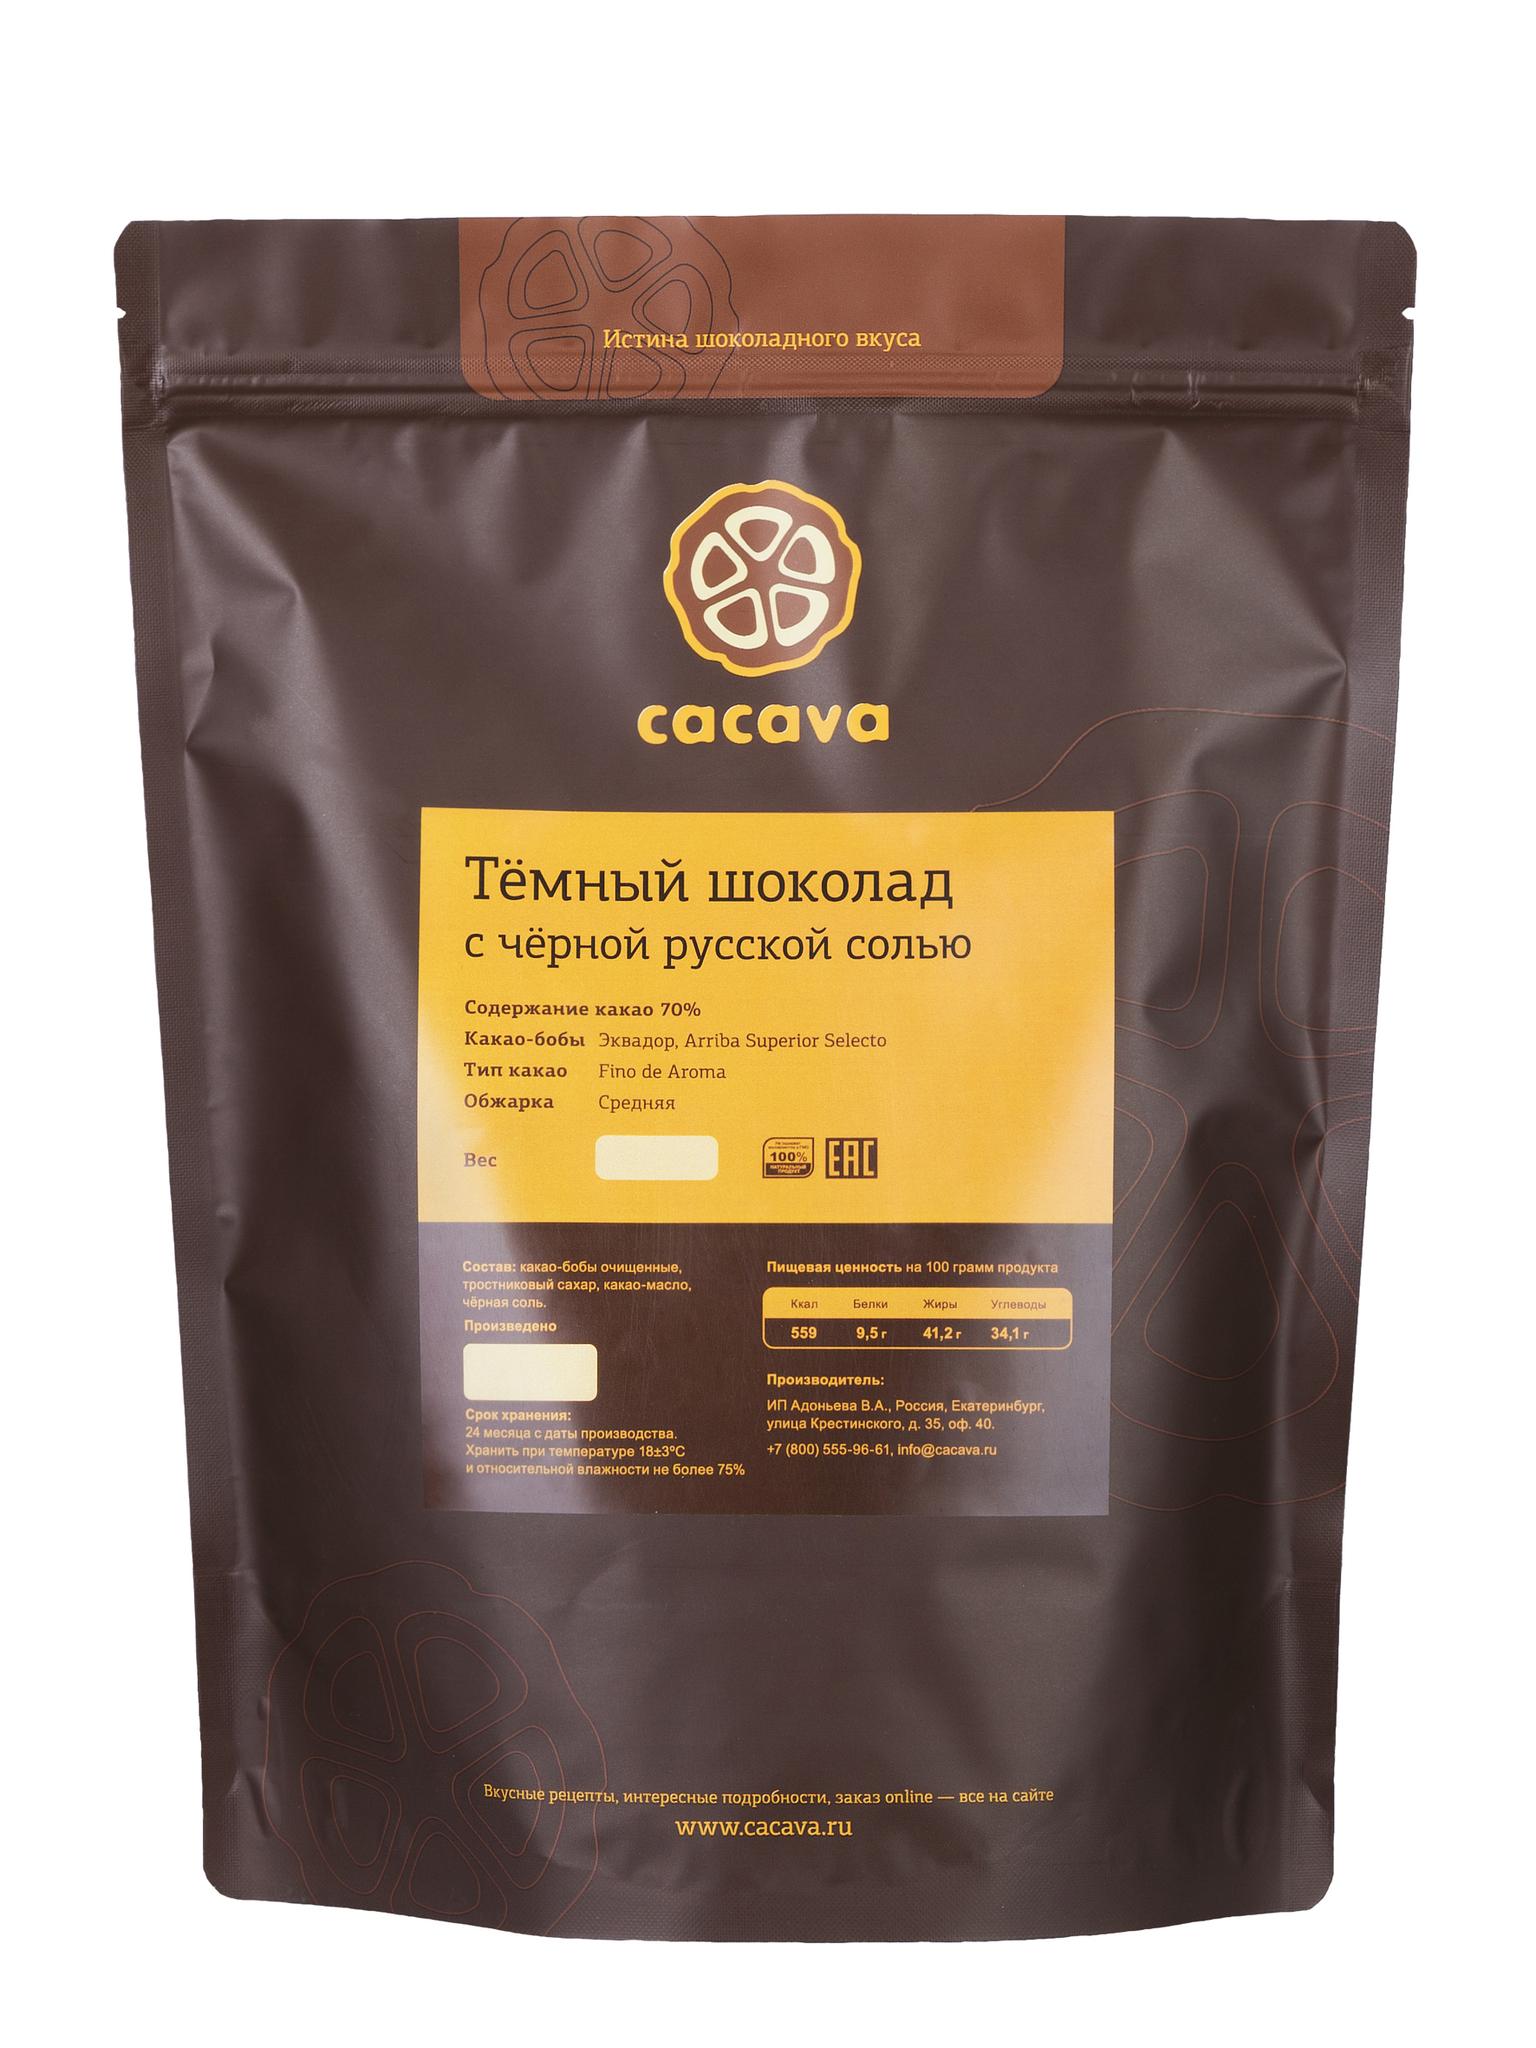 Тёмный шоколад с чёрной солью 70 % какао (Эквадор), упаковка 1 кг